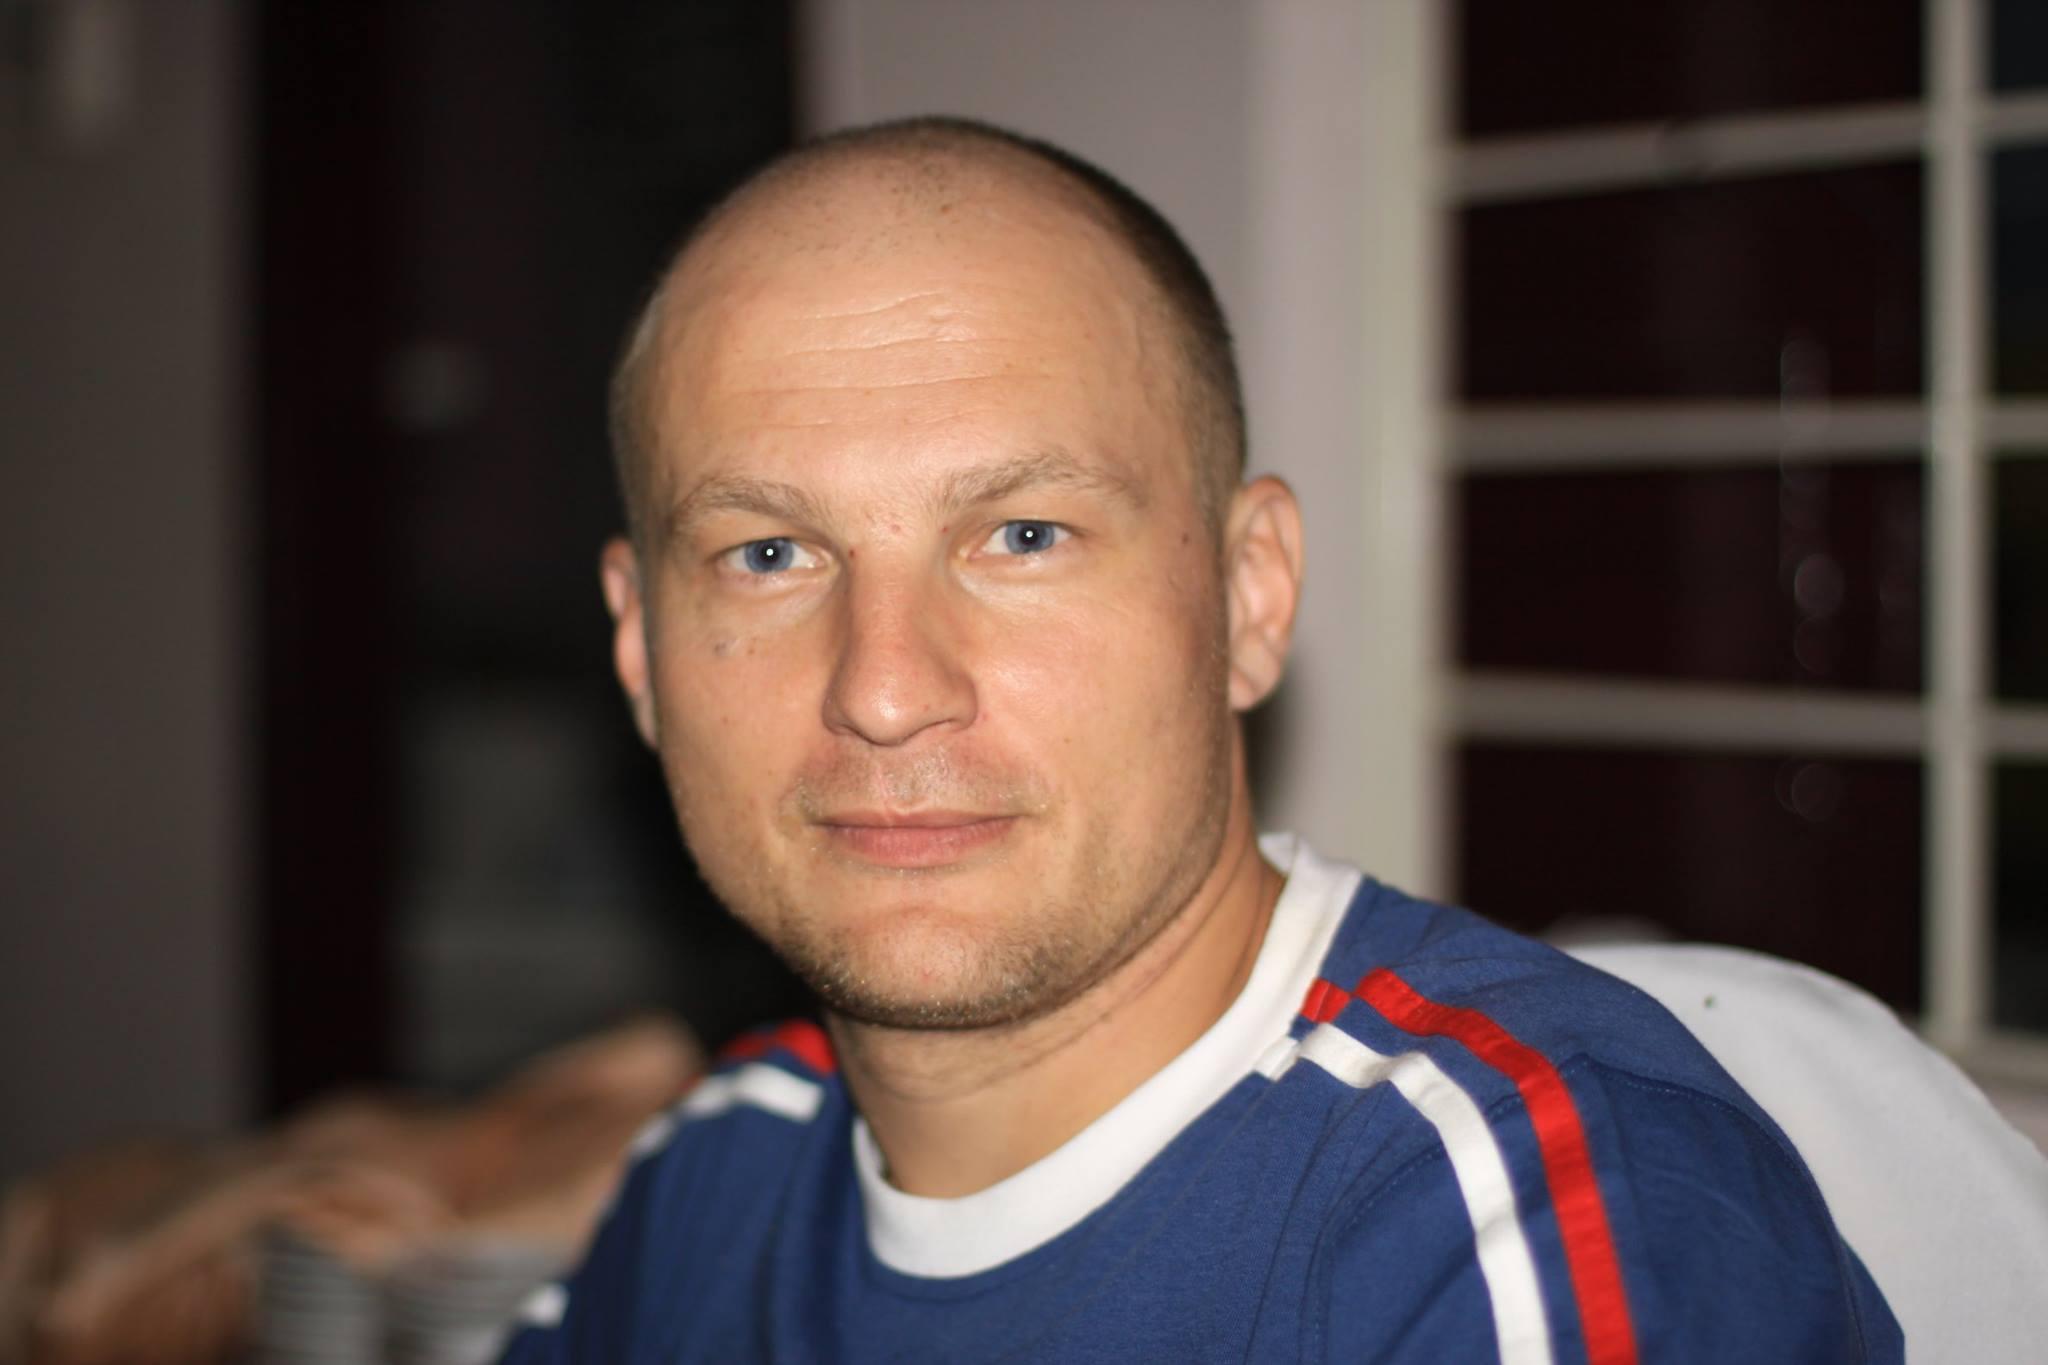 Сегодня свой день рождения отмечает Фисенко Александр Анатольевич.